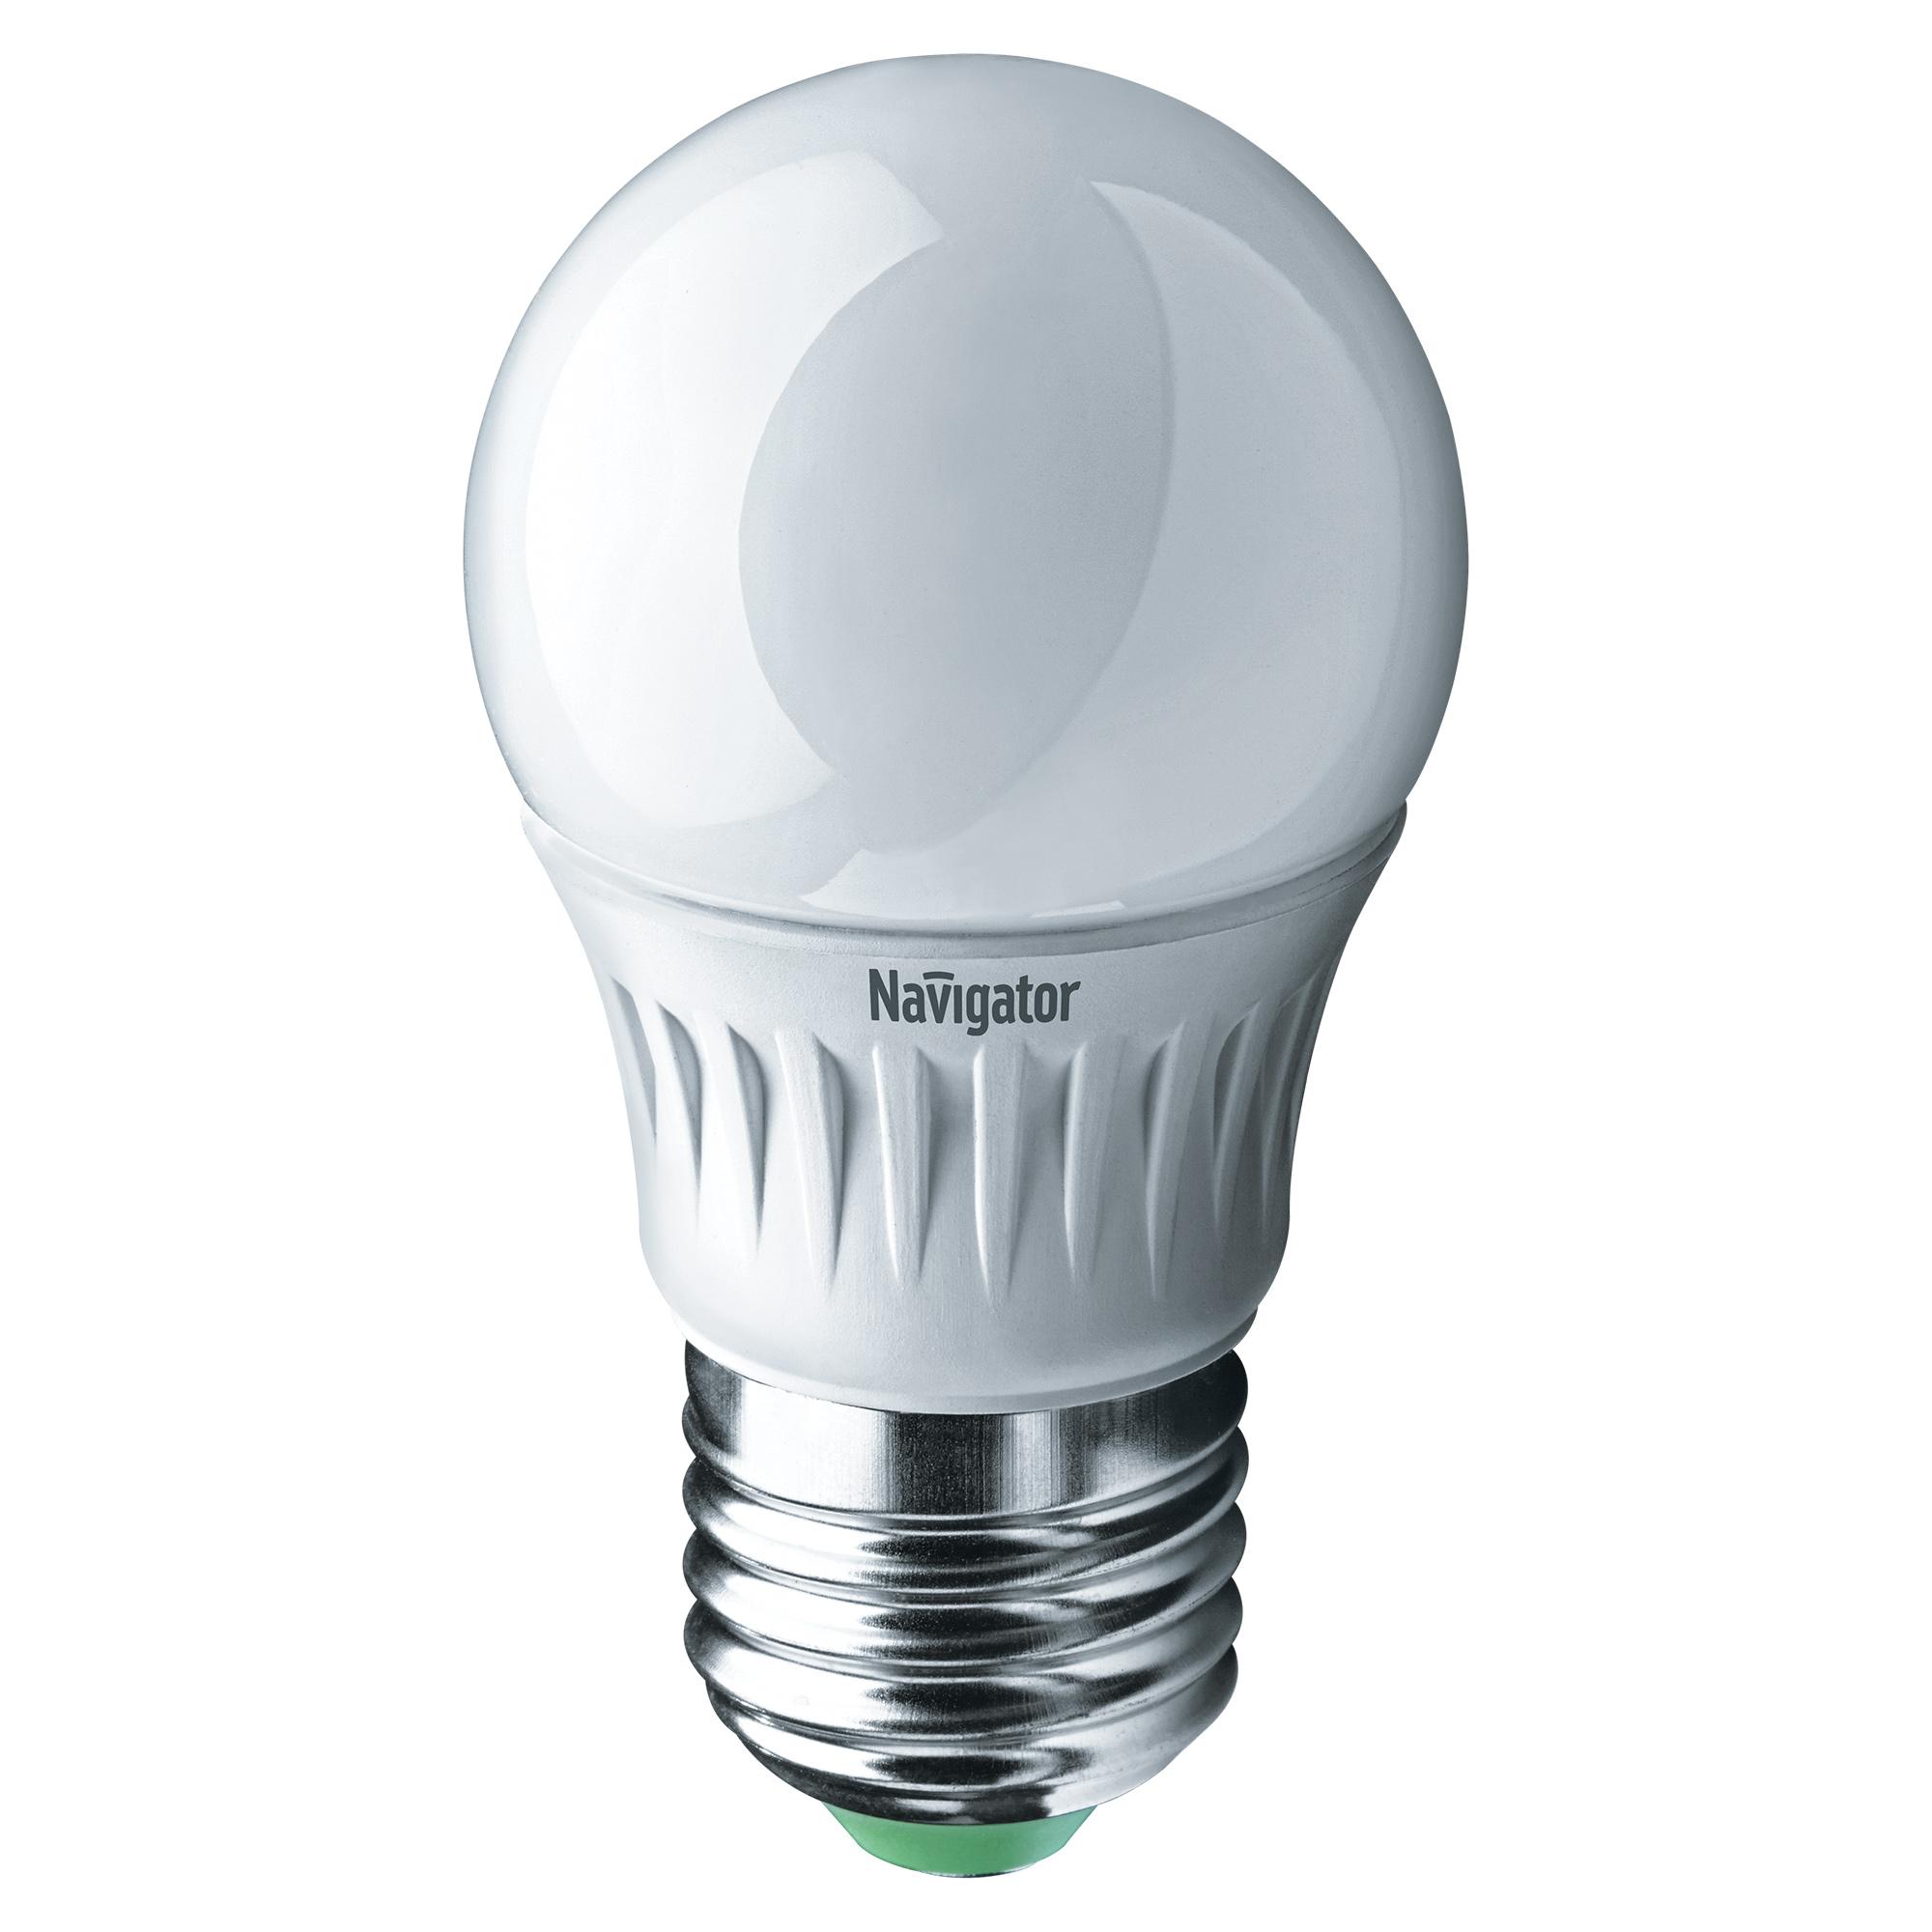 Фото - Лампа светодиодная Navigator шарик матовая 7Вт цоколь E27 (холодный свет) лампа люминесцентная navigator t5 6вт цоколь g5 холодный свет